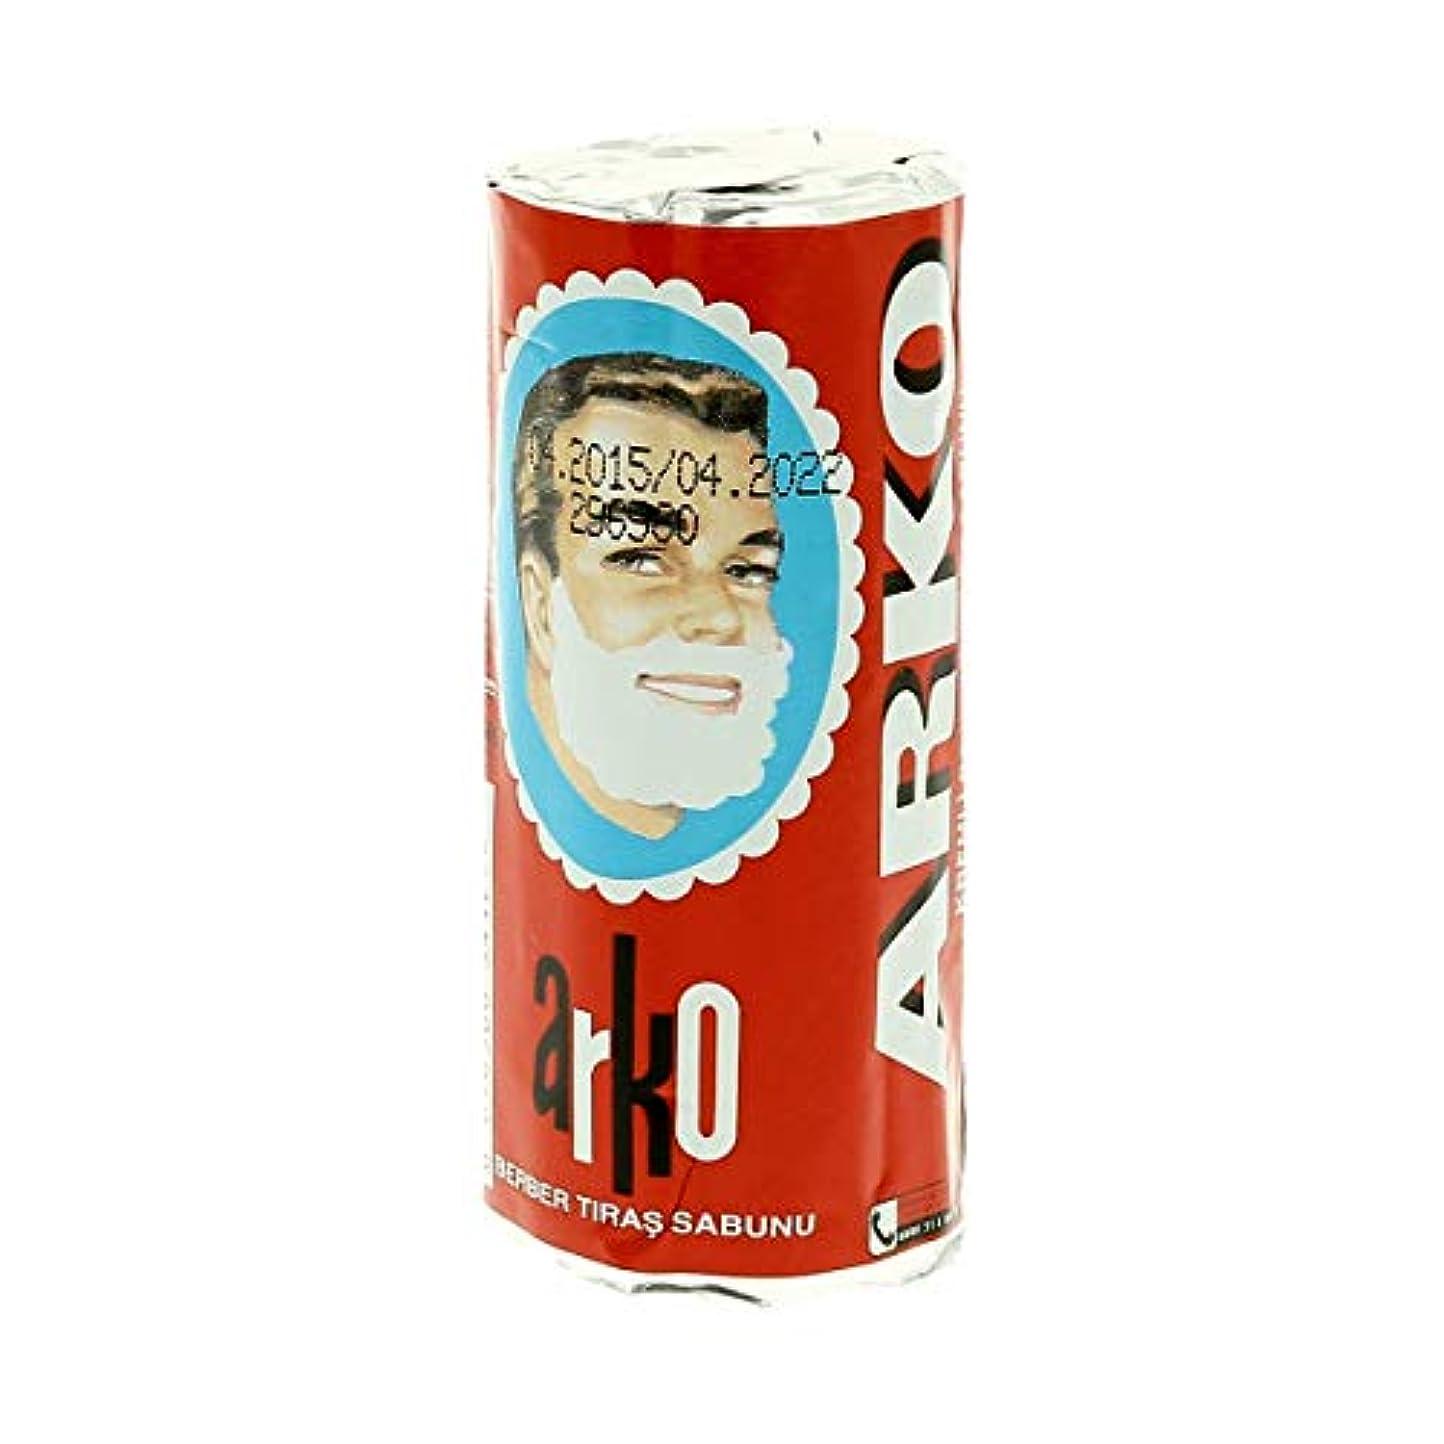 乞食陽気な櫛Arko アルコ シェービングクリームソープスティック75g[海外直送品]Arko Shaving Cream Soap Stick 75g [並行輸入品]